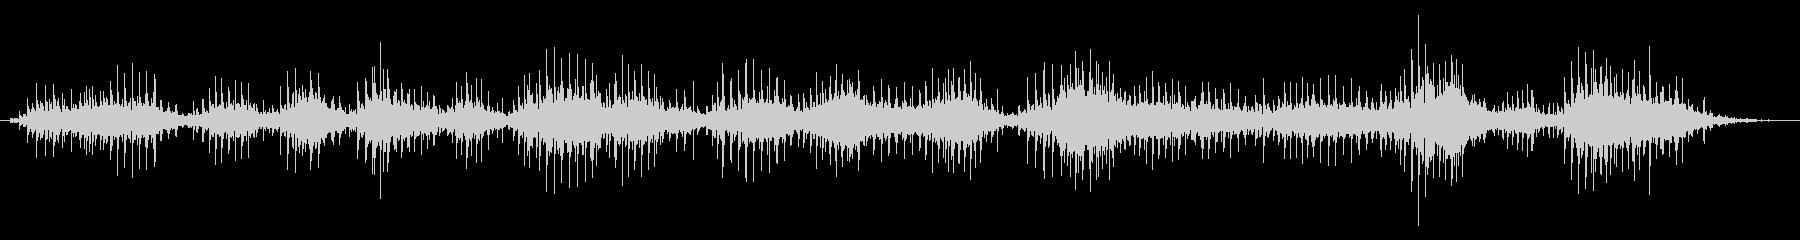 メタリッククリスタルケイブ:Pha...の未再生の波形